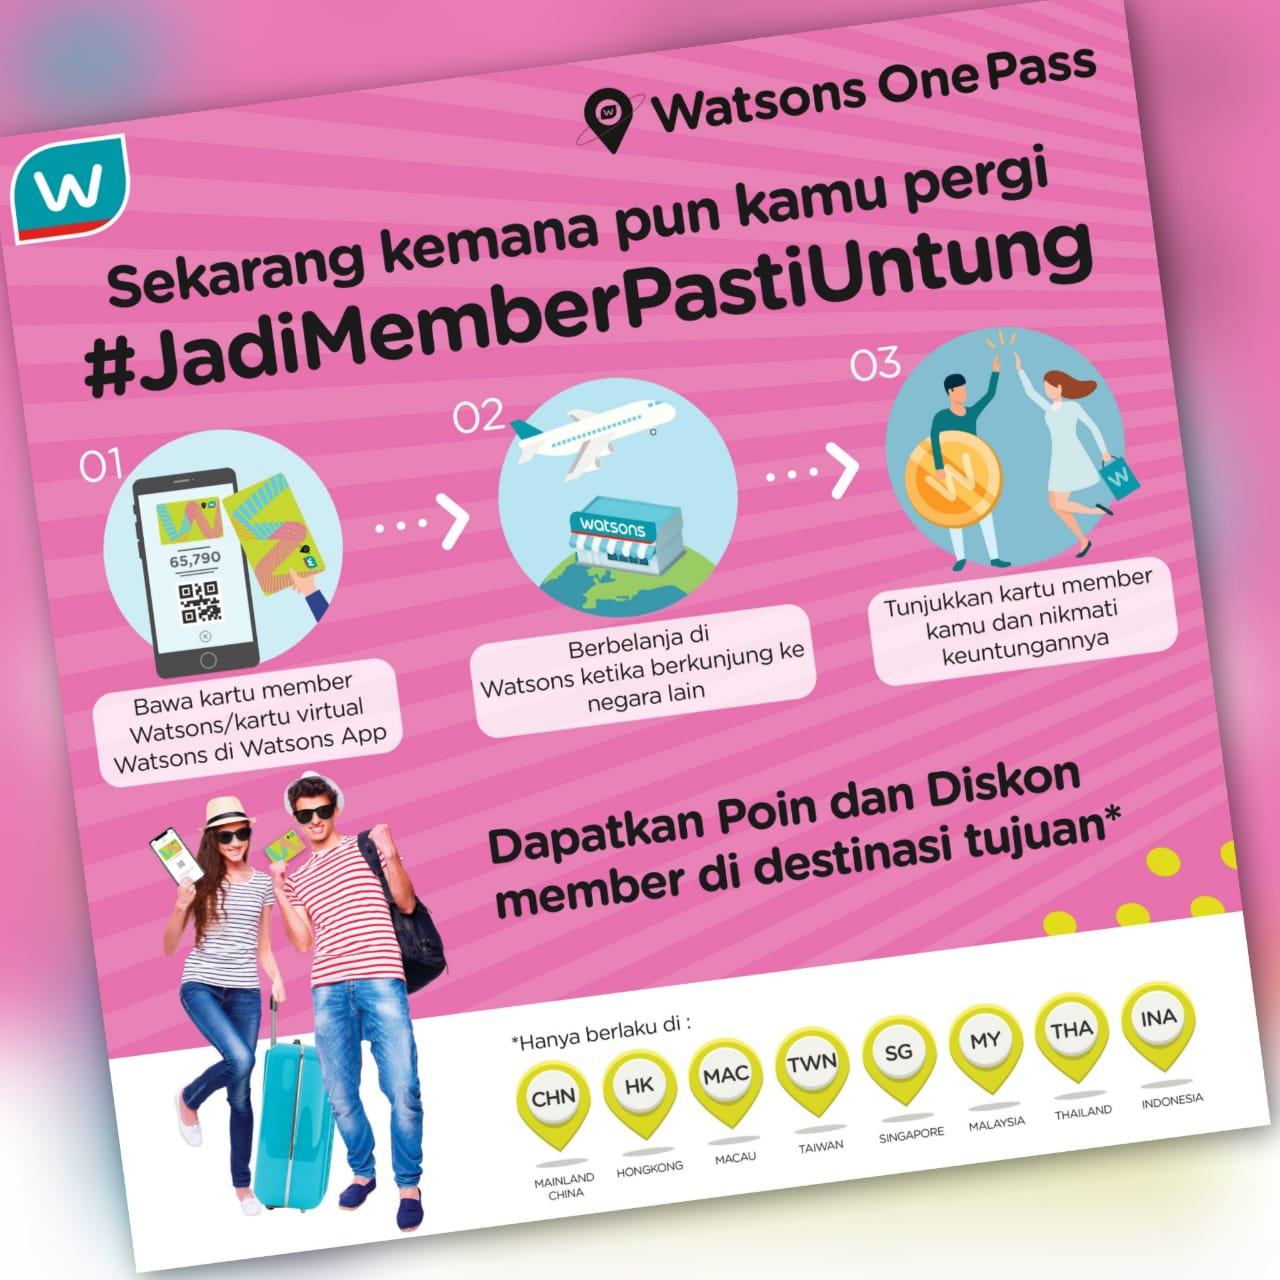 Watsons One Pass